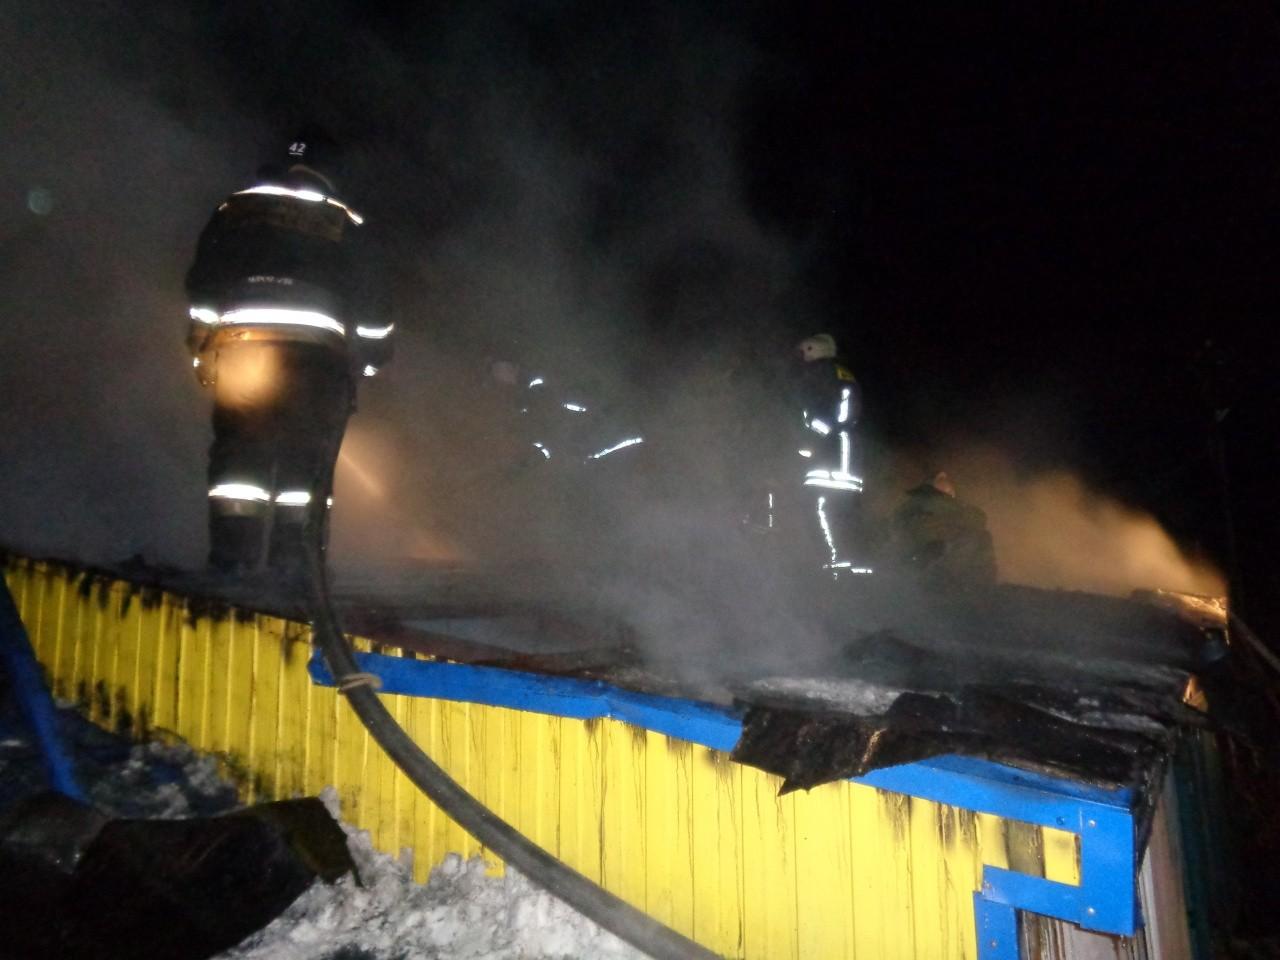 Сегодня ночью случился пожар на ферме